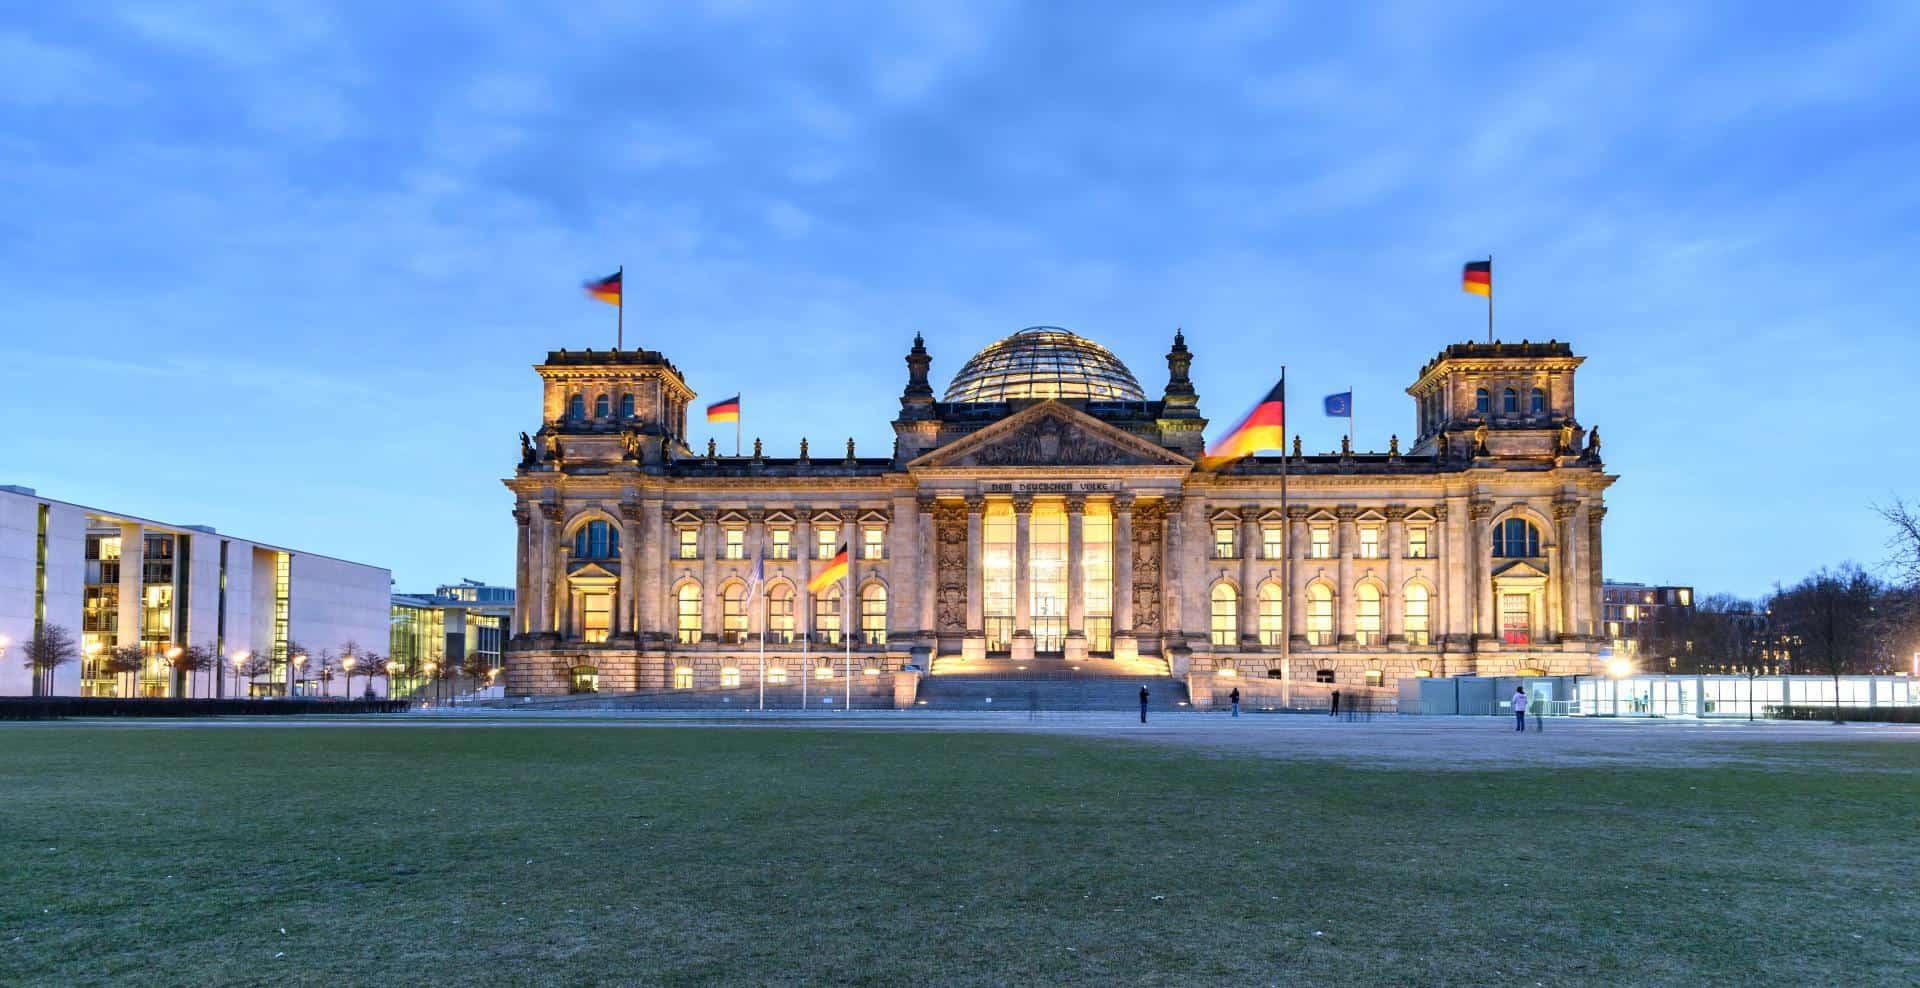 Bundestag: Kfz-Steuerbefreiung für Elektroautos bis 2030 verlängert